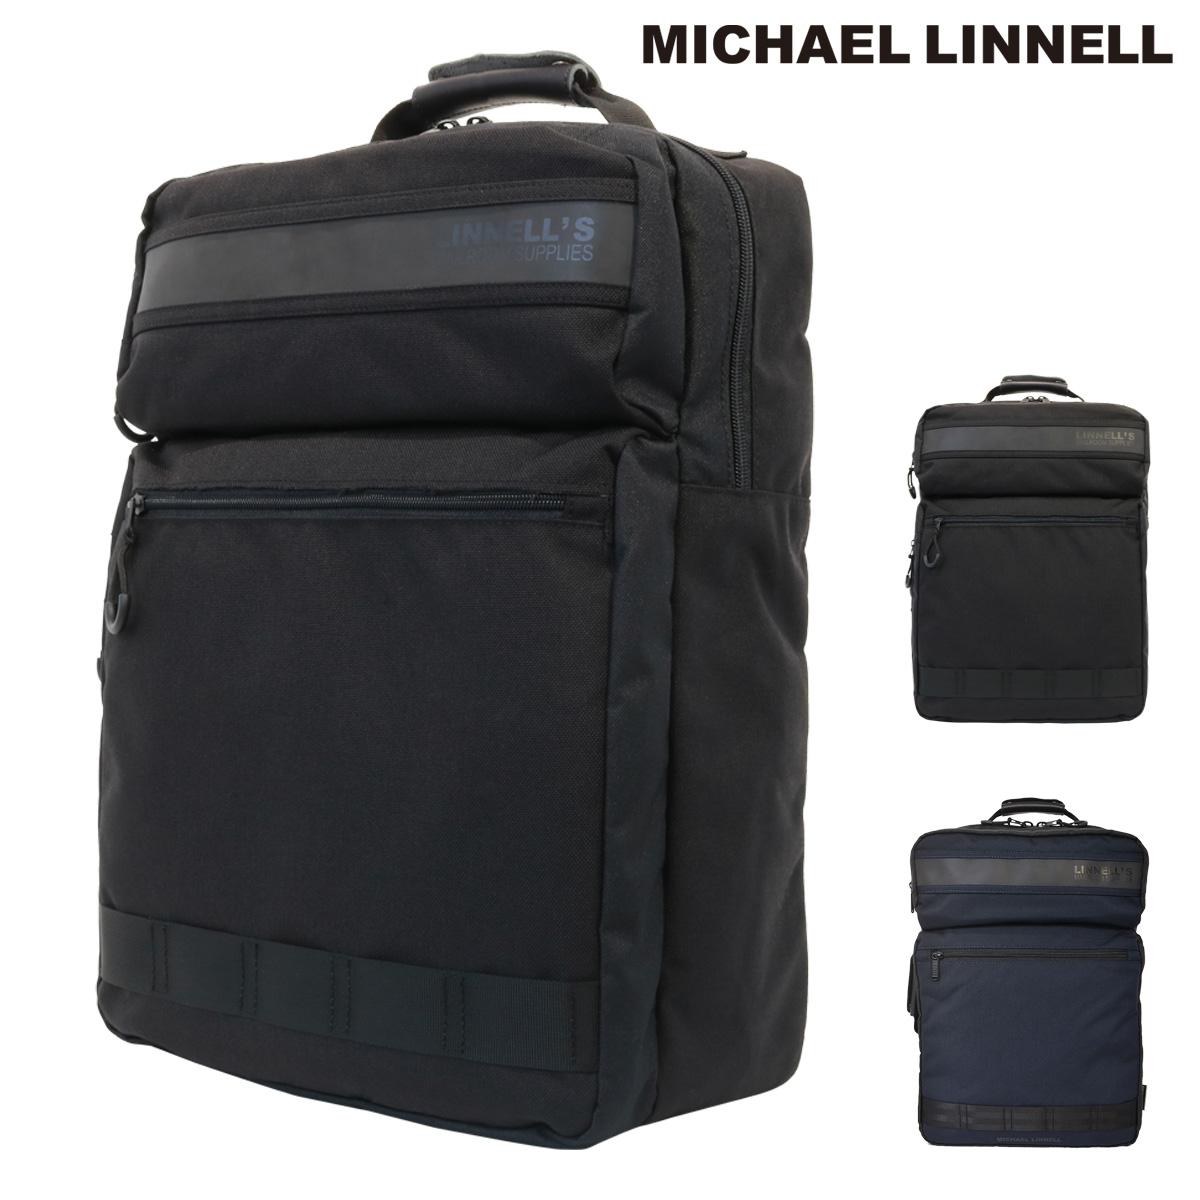 マイケルリンネル リュック メンズ F-237 MICHAEL LINNELL | バックパック フィセブレイブ FICCEBRAVE [PO5][bef][即日発送]